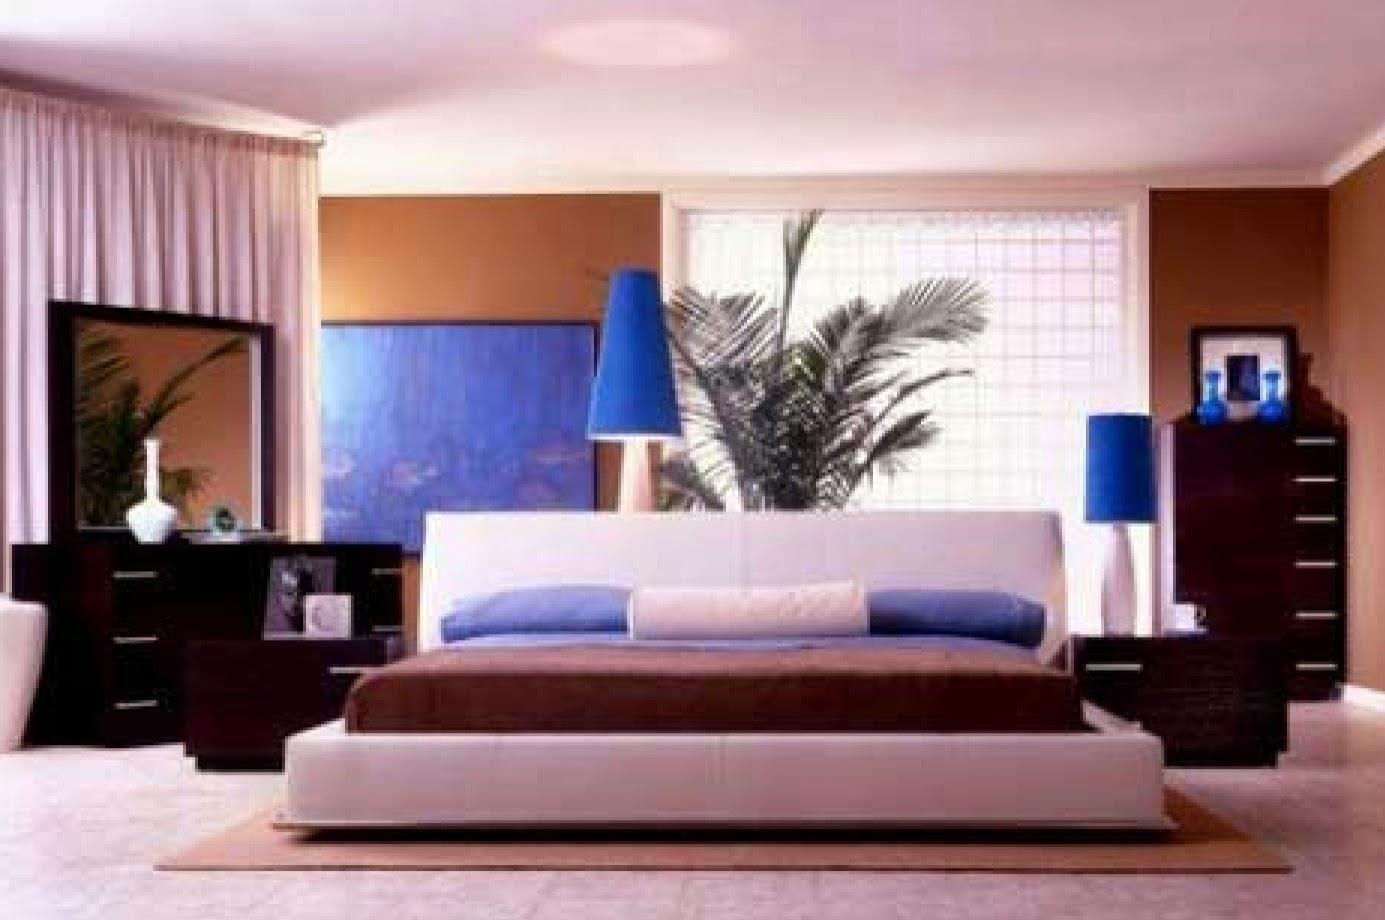 Modern Bedroom Interior Design Ideas #12